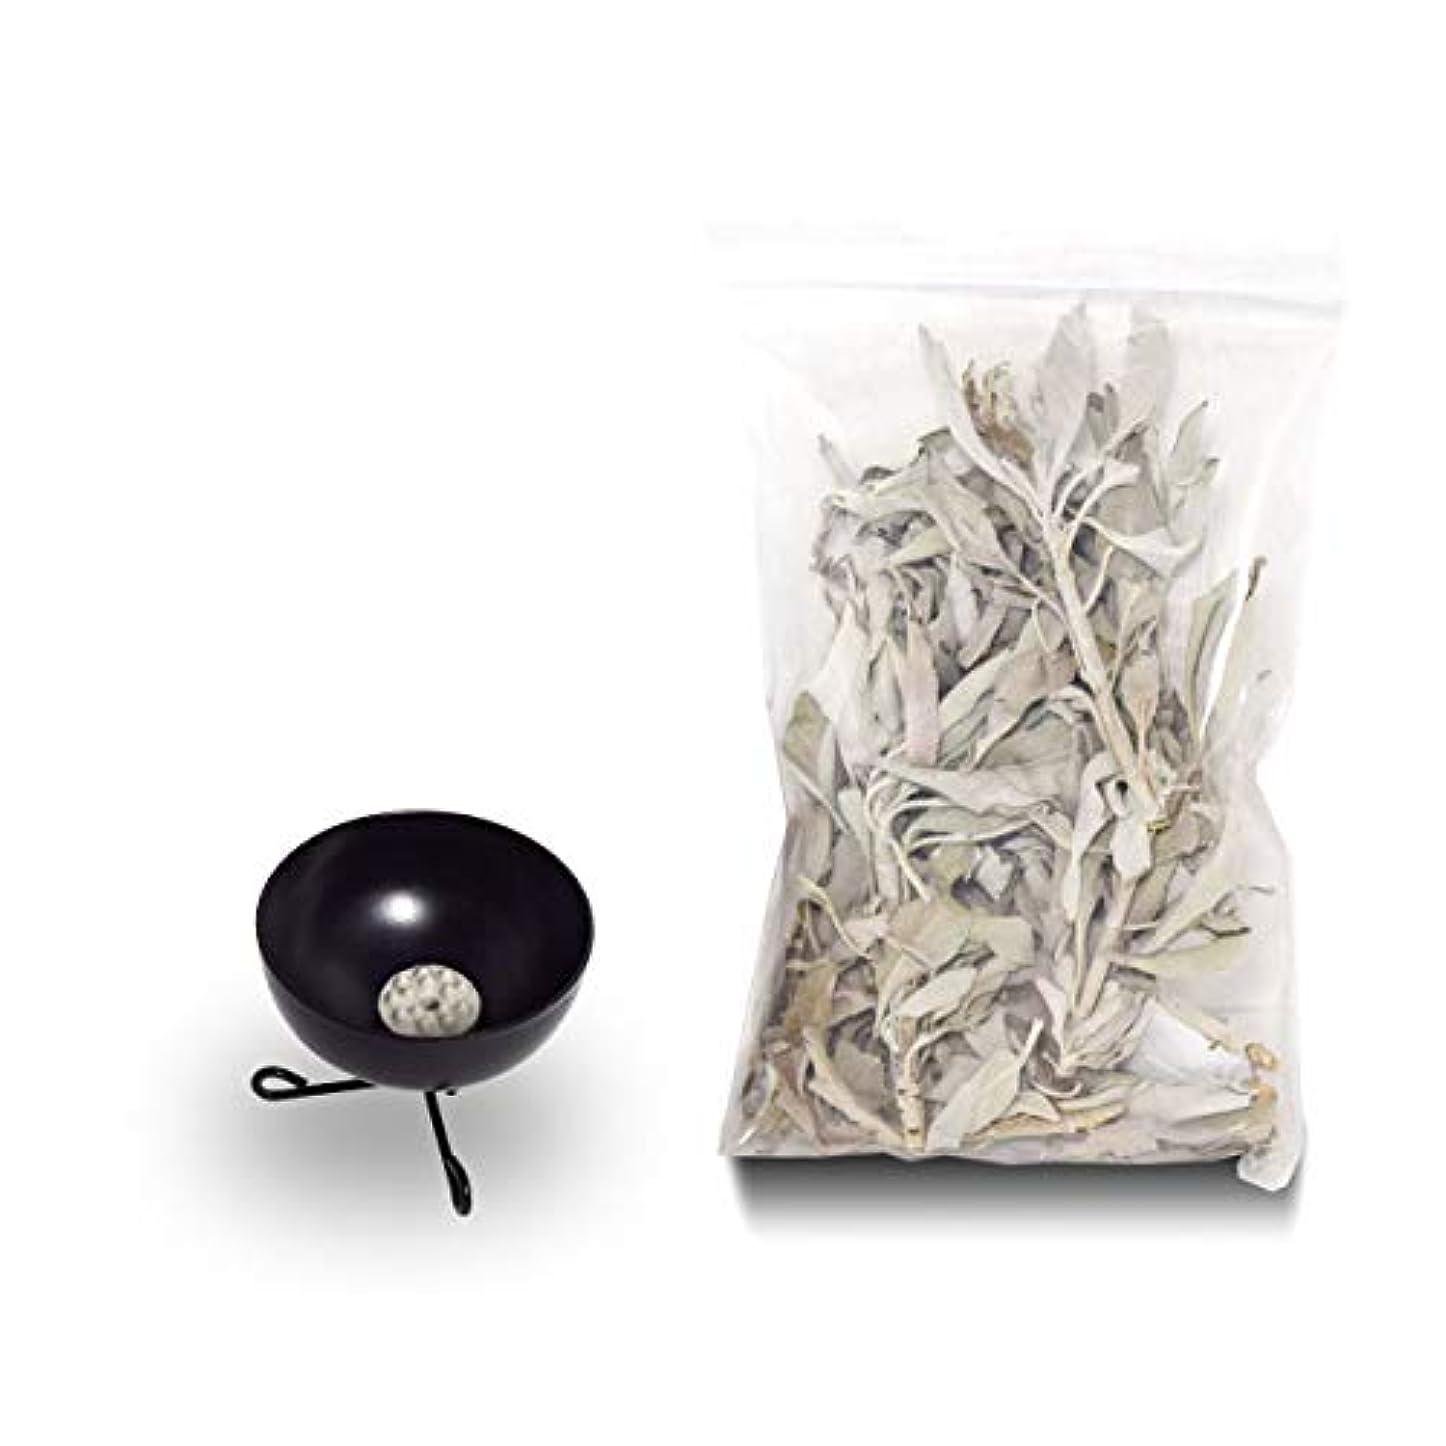 窒素摩擦永久ホワイトセージ 30g ミニ鉄製香炉 セット パワーストーン 浄化 お香 インセンス